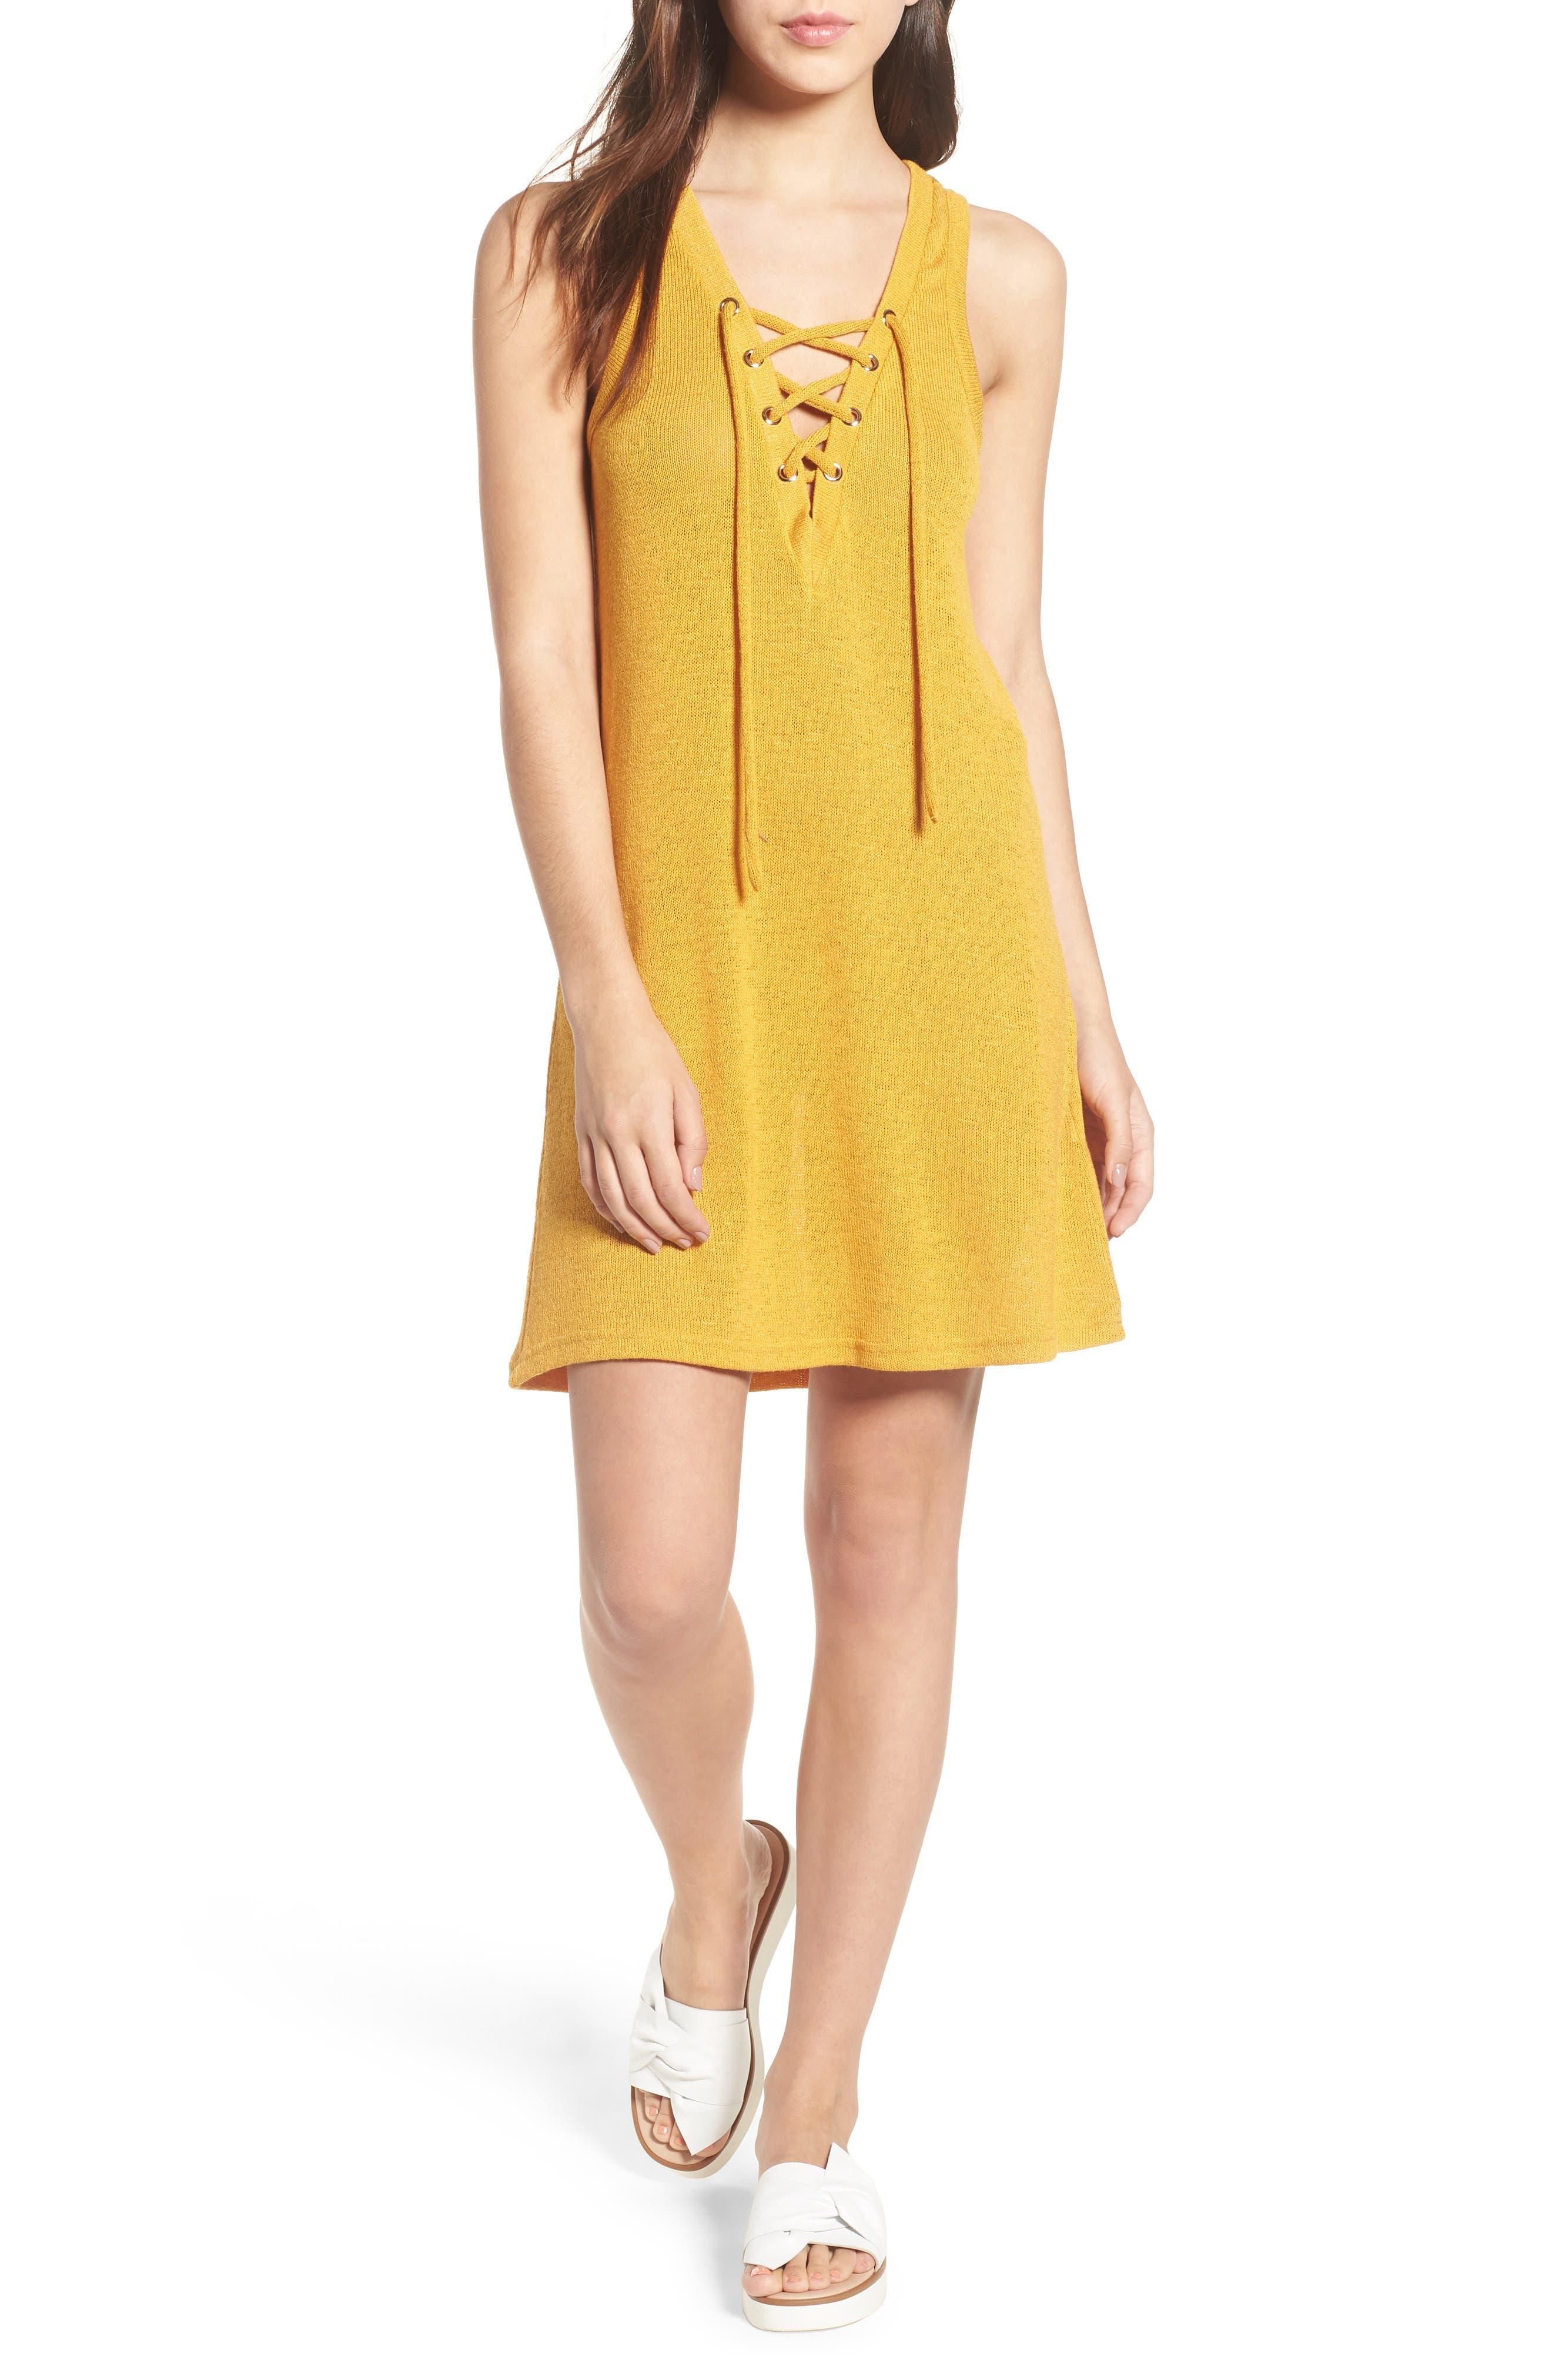 Heat Rising Lace-Up Dress,                         Main,                         color, Saffron